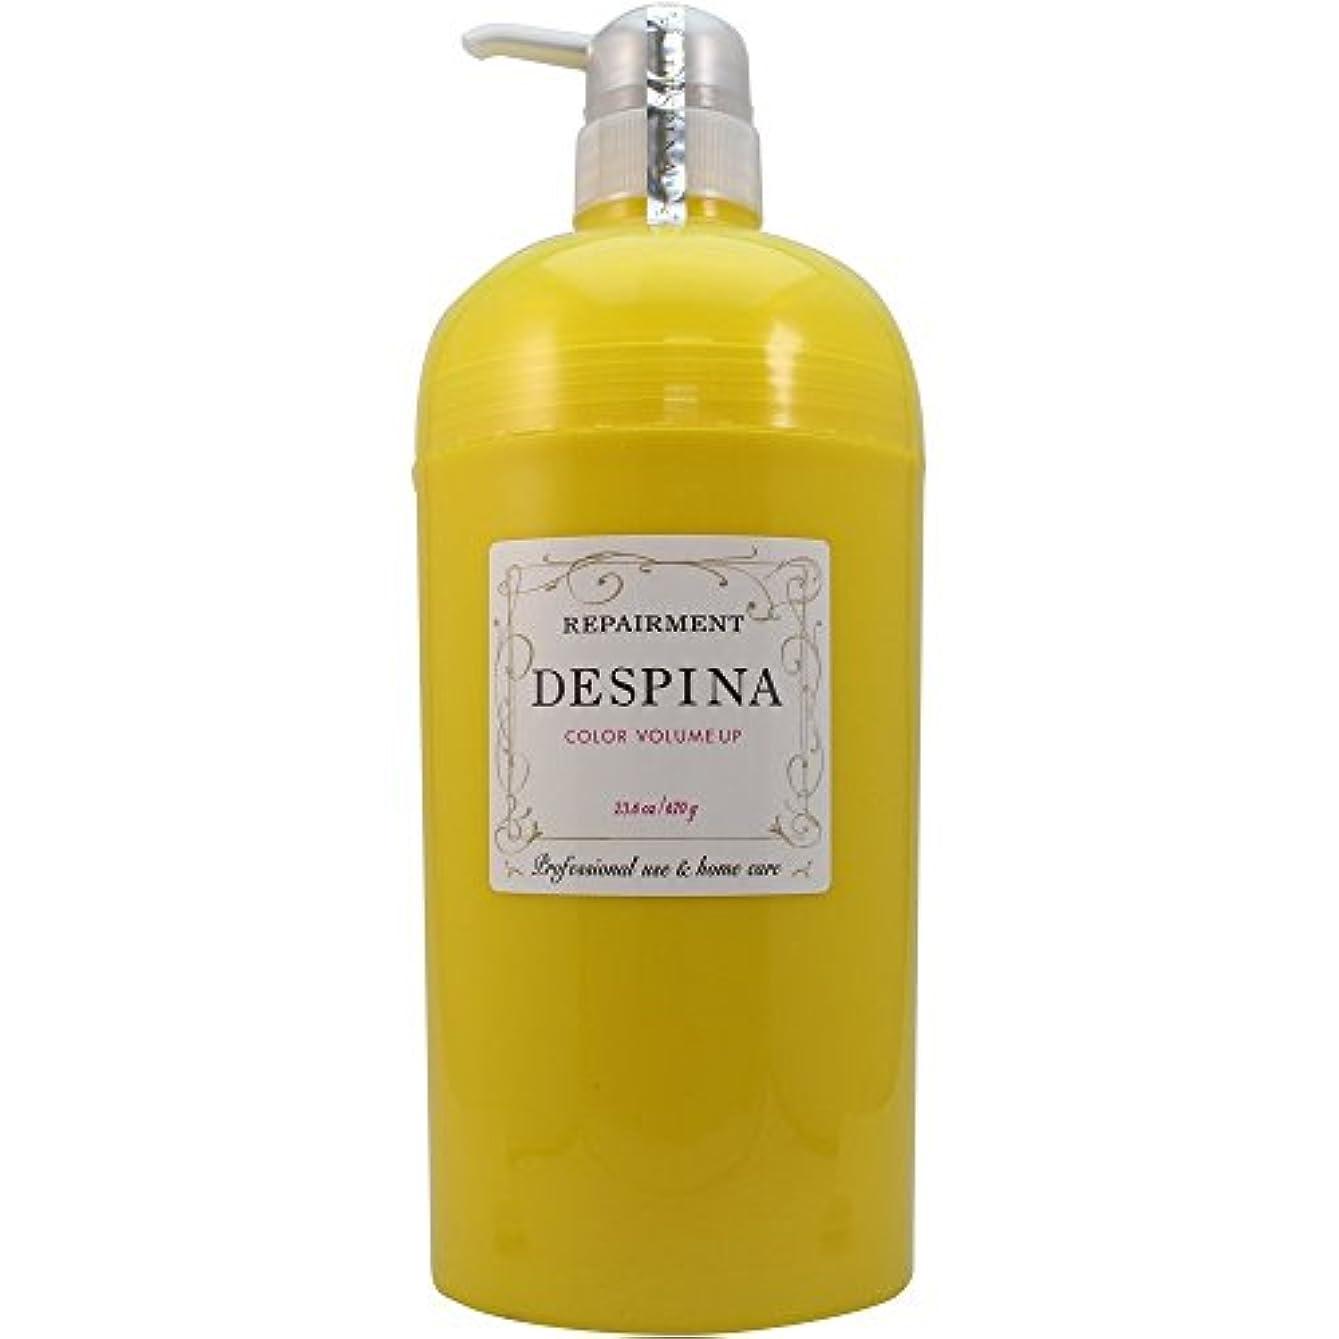 中野製薬 デスピナ リペアメント カラー ボリュームアップ 670g